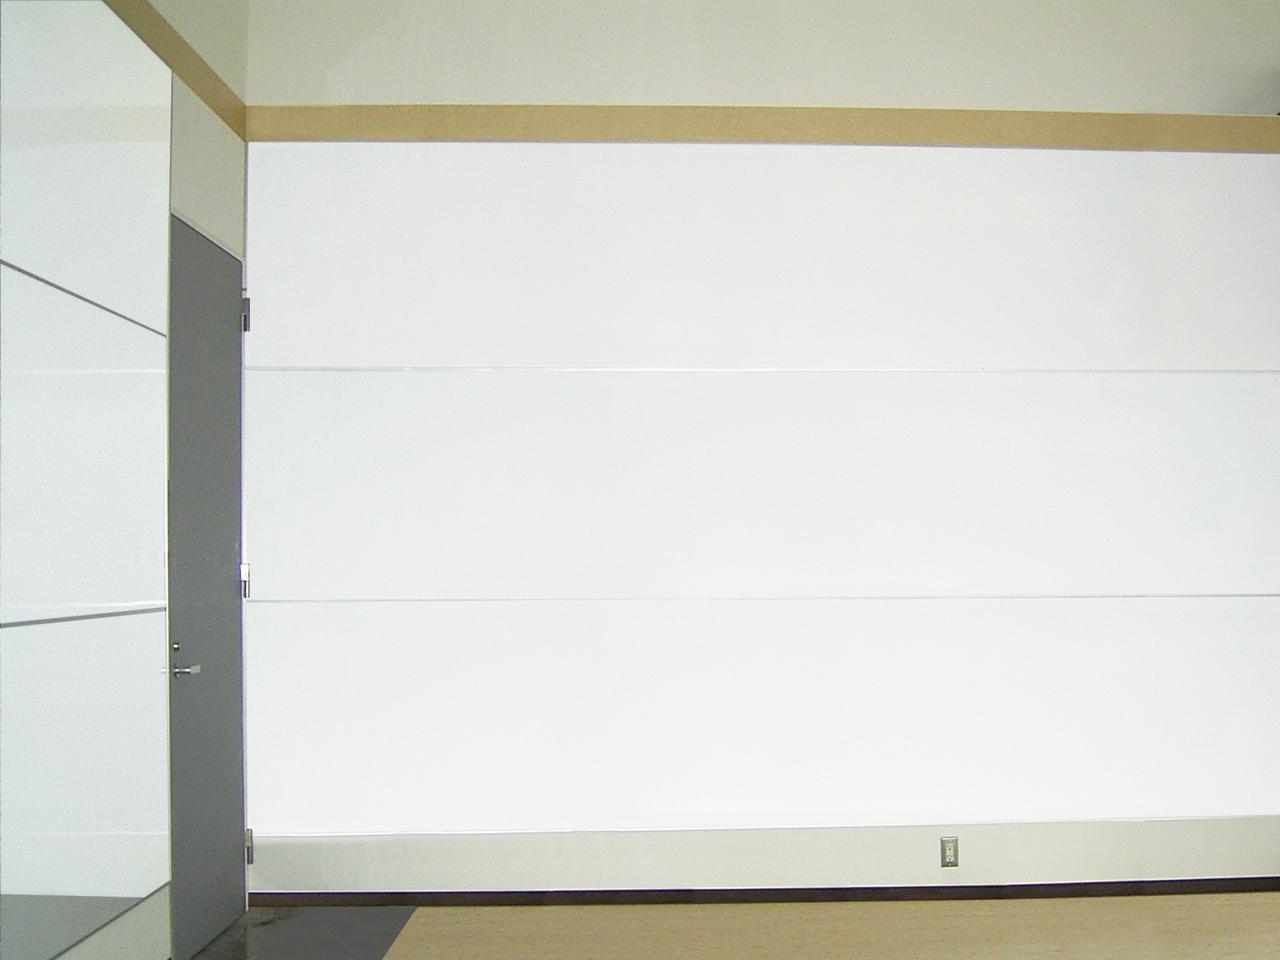 壁面黒板・ホワイトボード